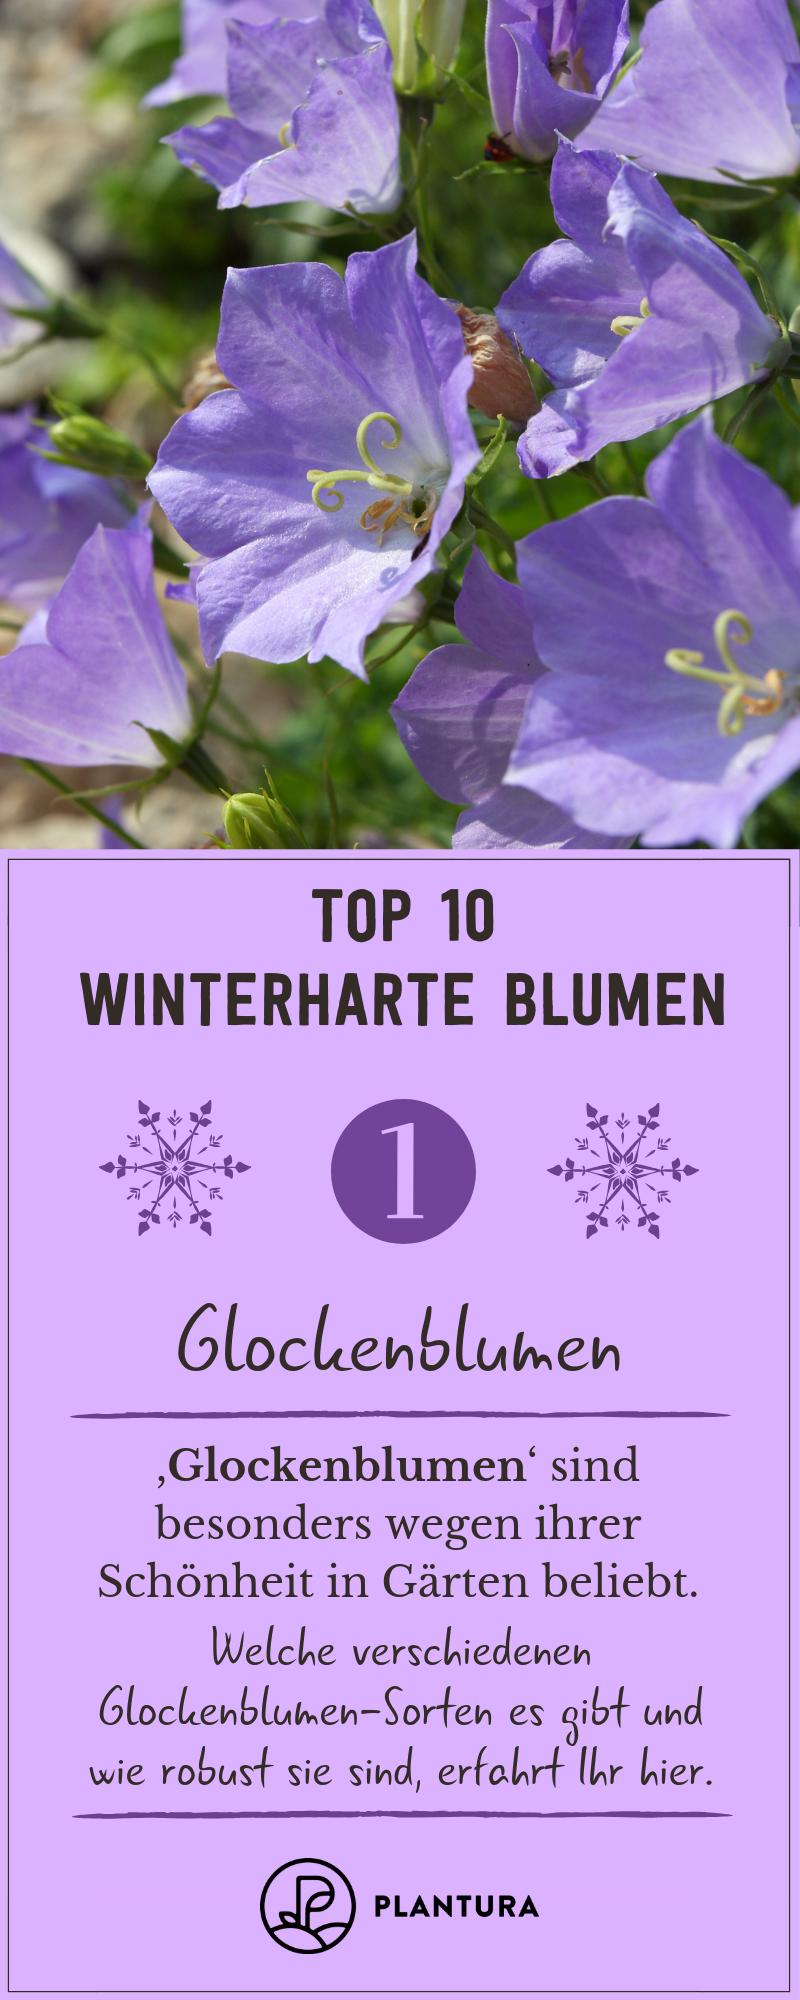 Top 10 Winterharte Blumen Glockenblumen Die Glockenblume Sorgt Als Winterharte Pflanze Auch Im Wint Winterharte Blumen Winterharte Pflanzen Blumen Fur Garten